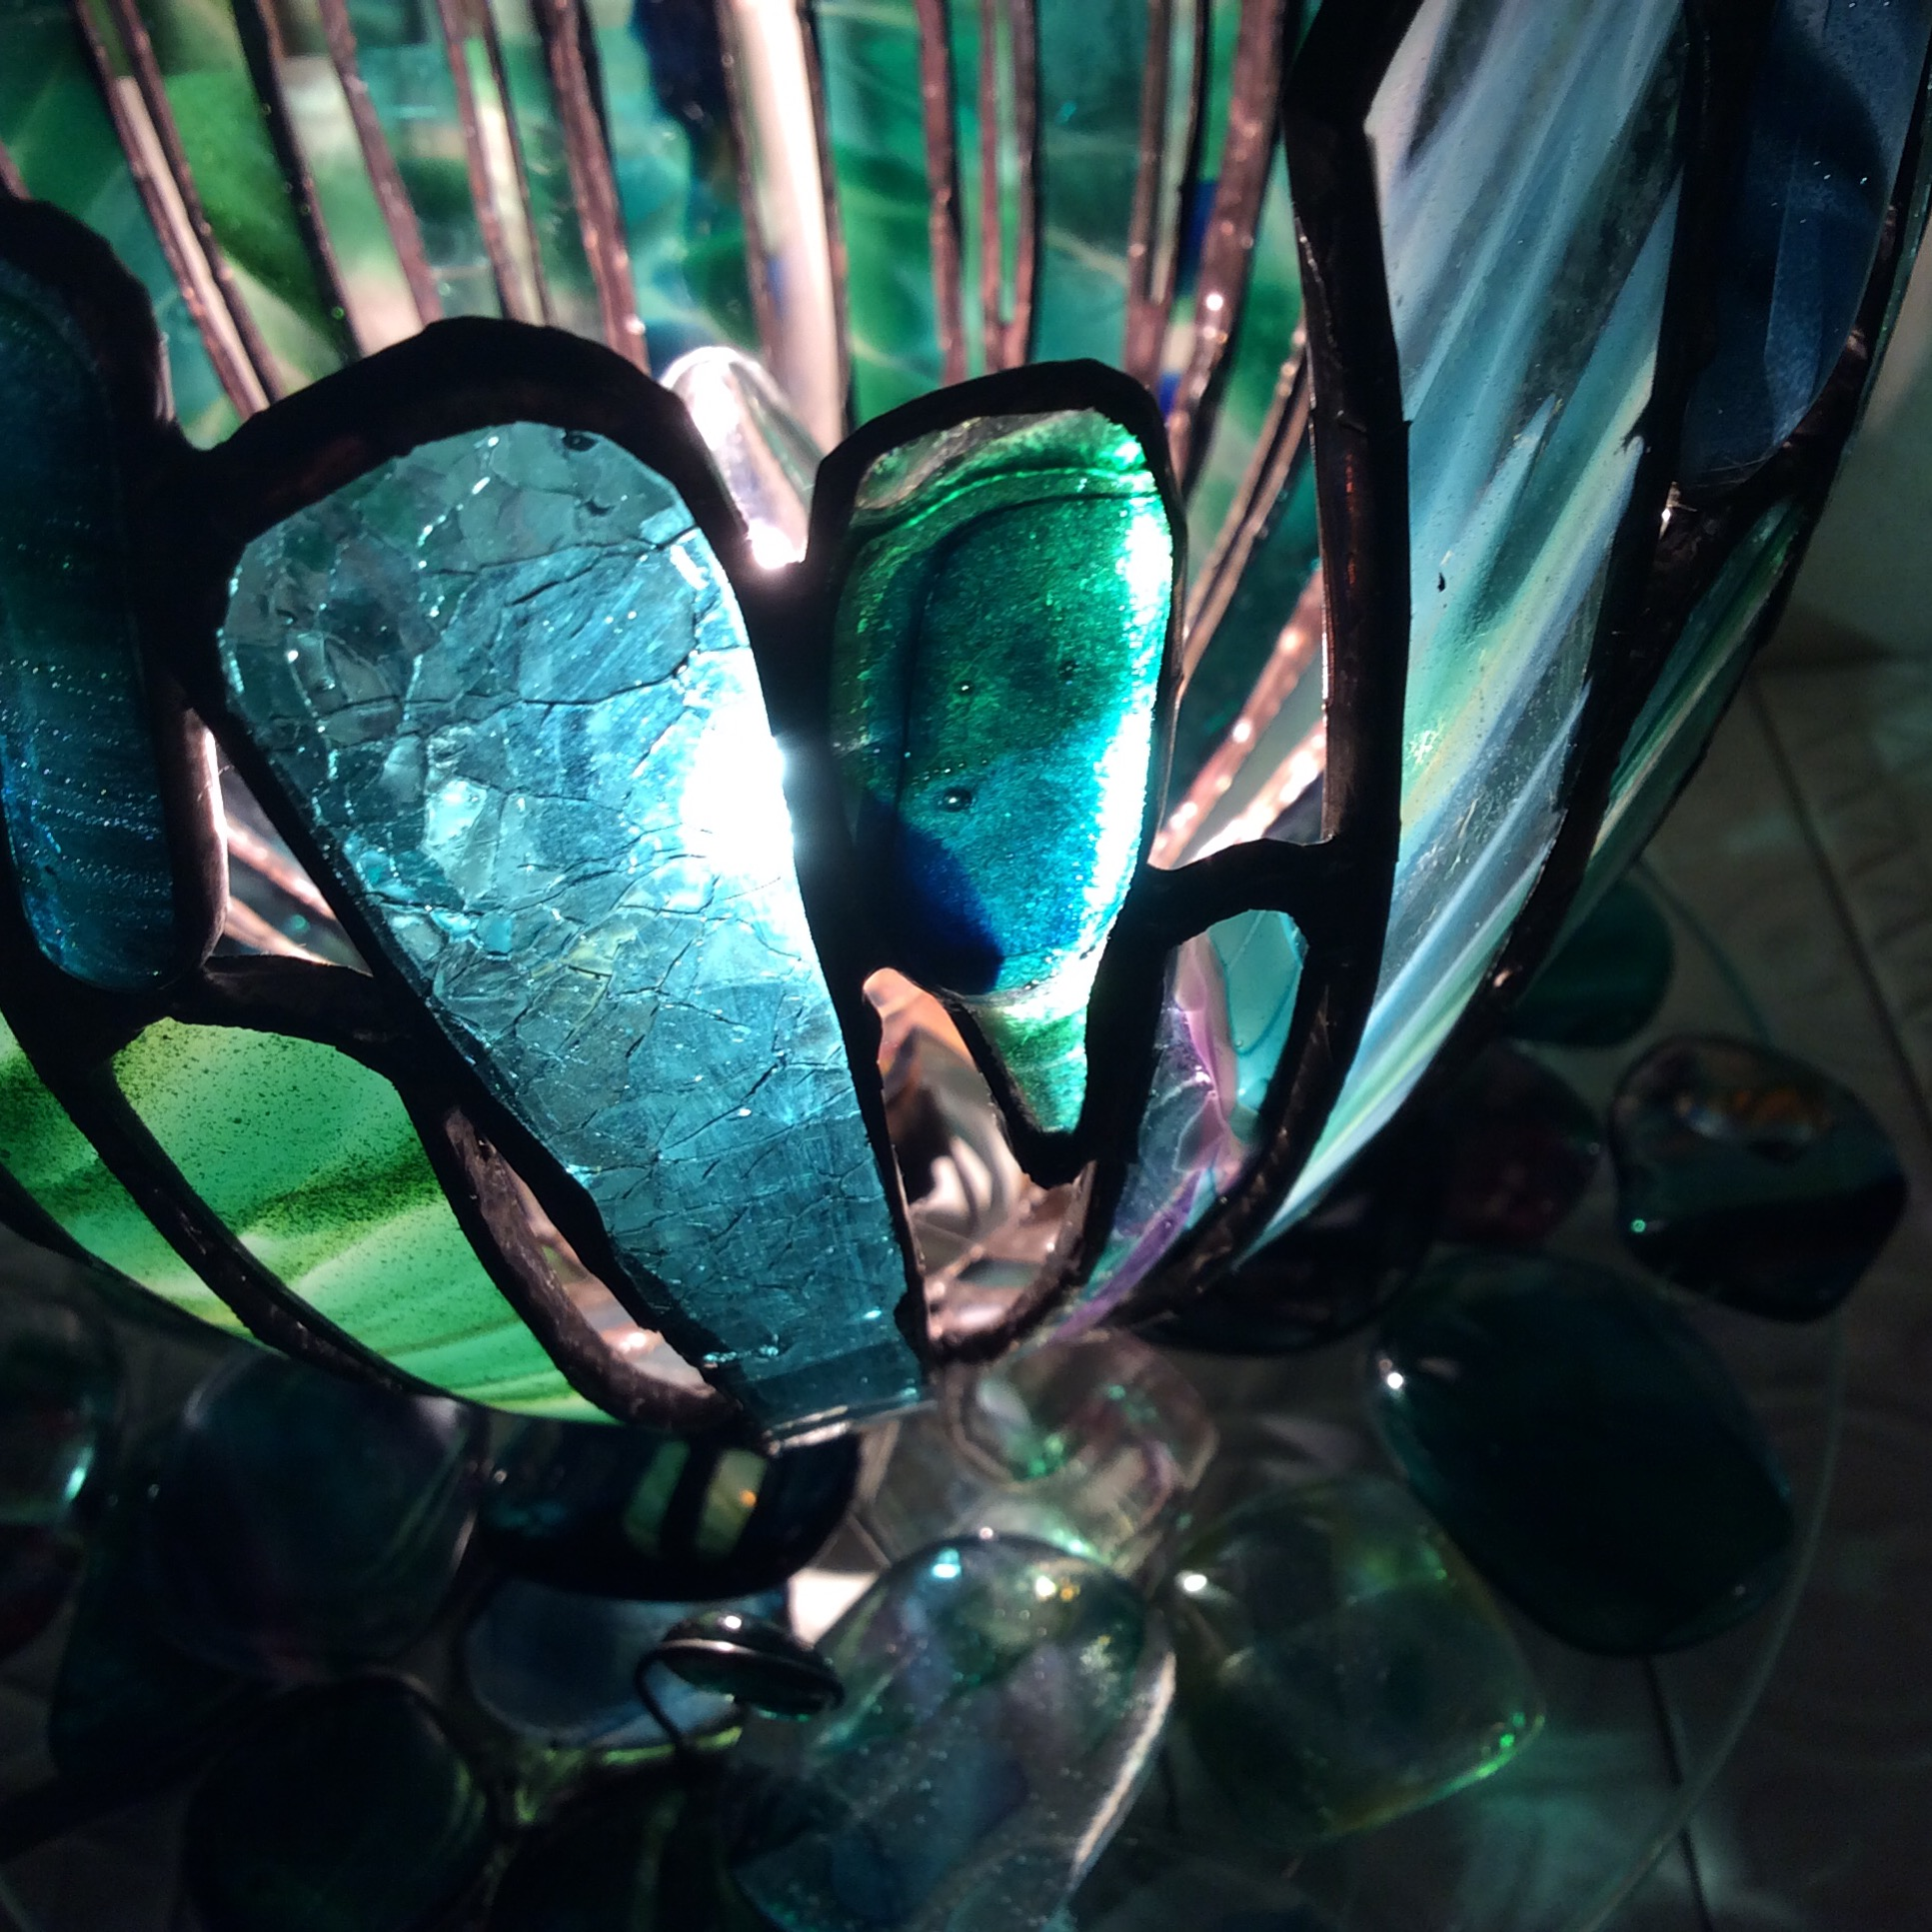 グリーンのランプのイメージ